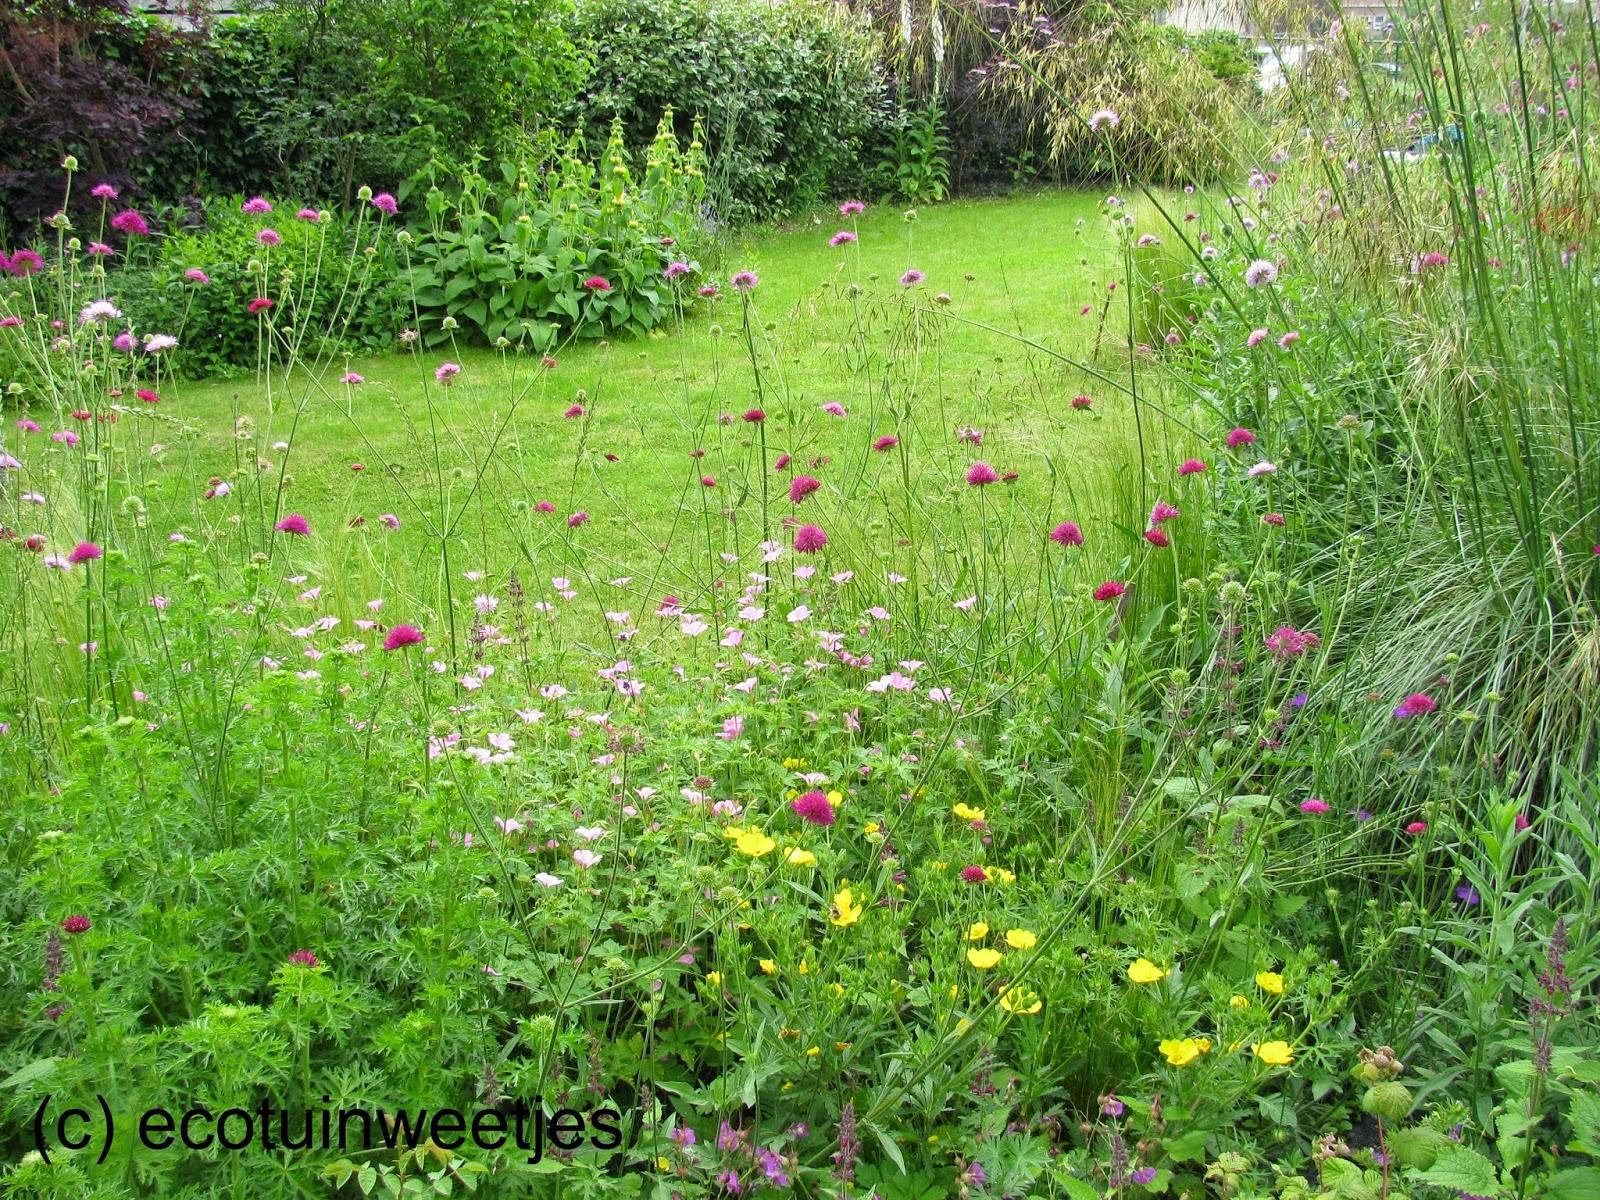 Tuin Laten Doen : Ecotuinweetjes een mooie tuin met weinig werk